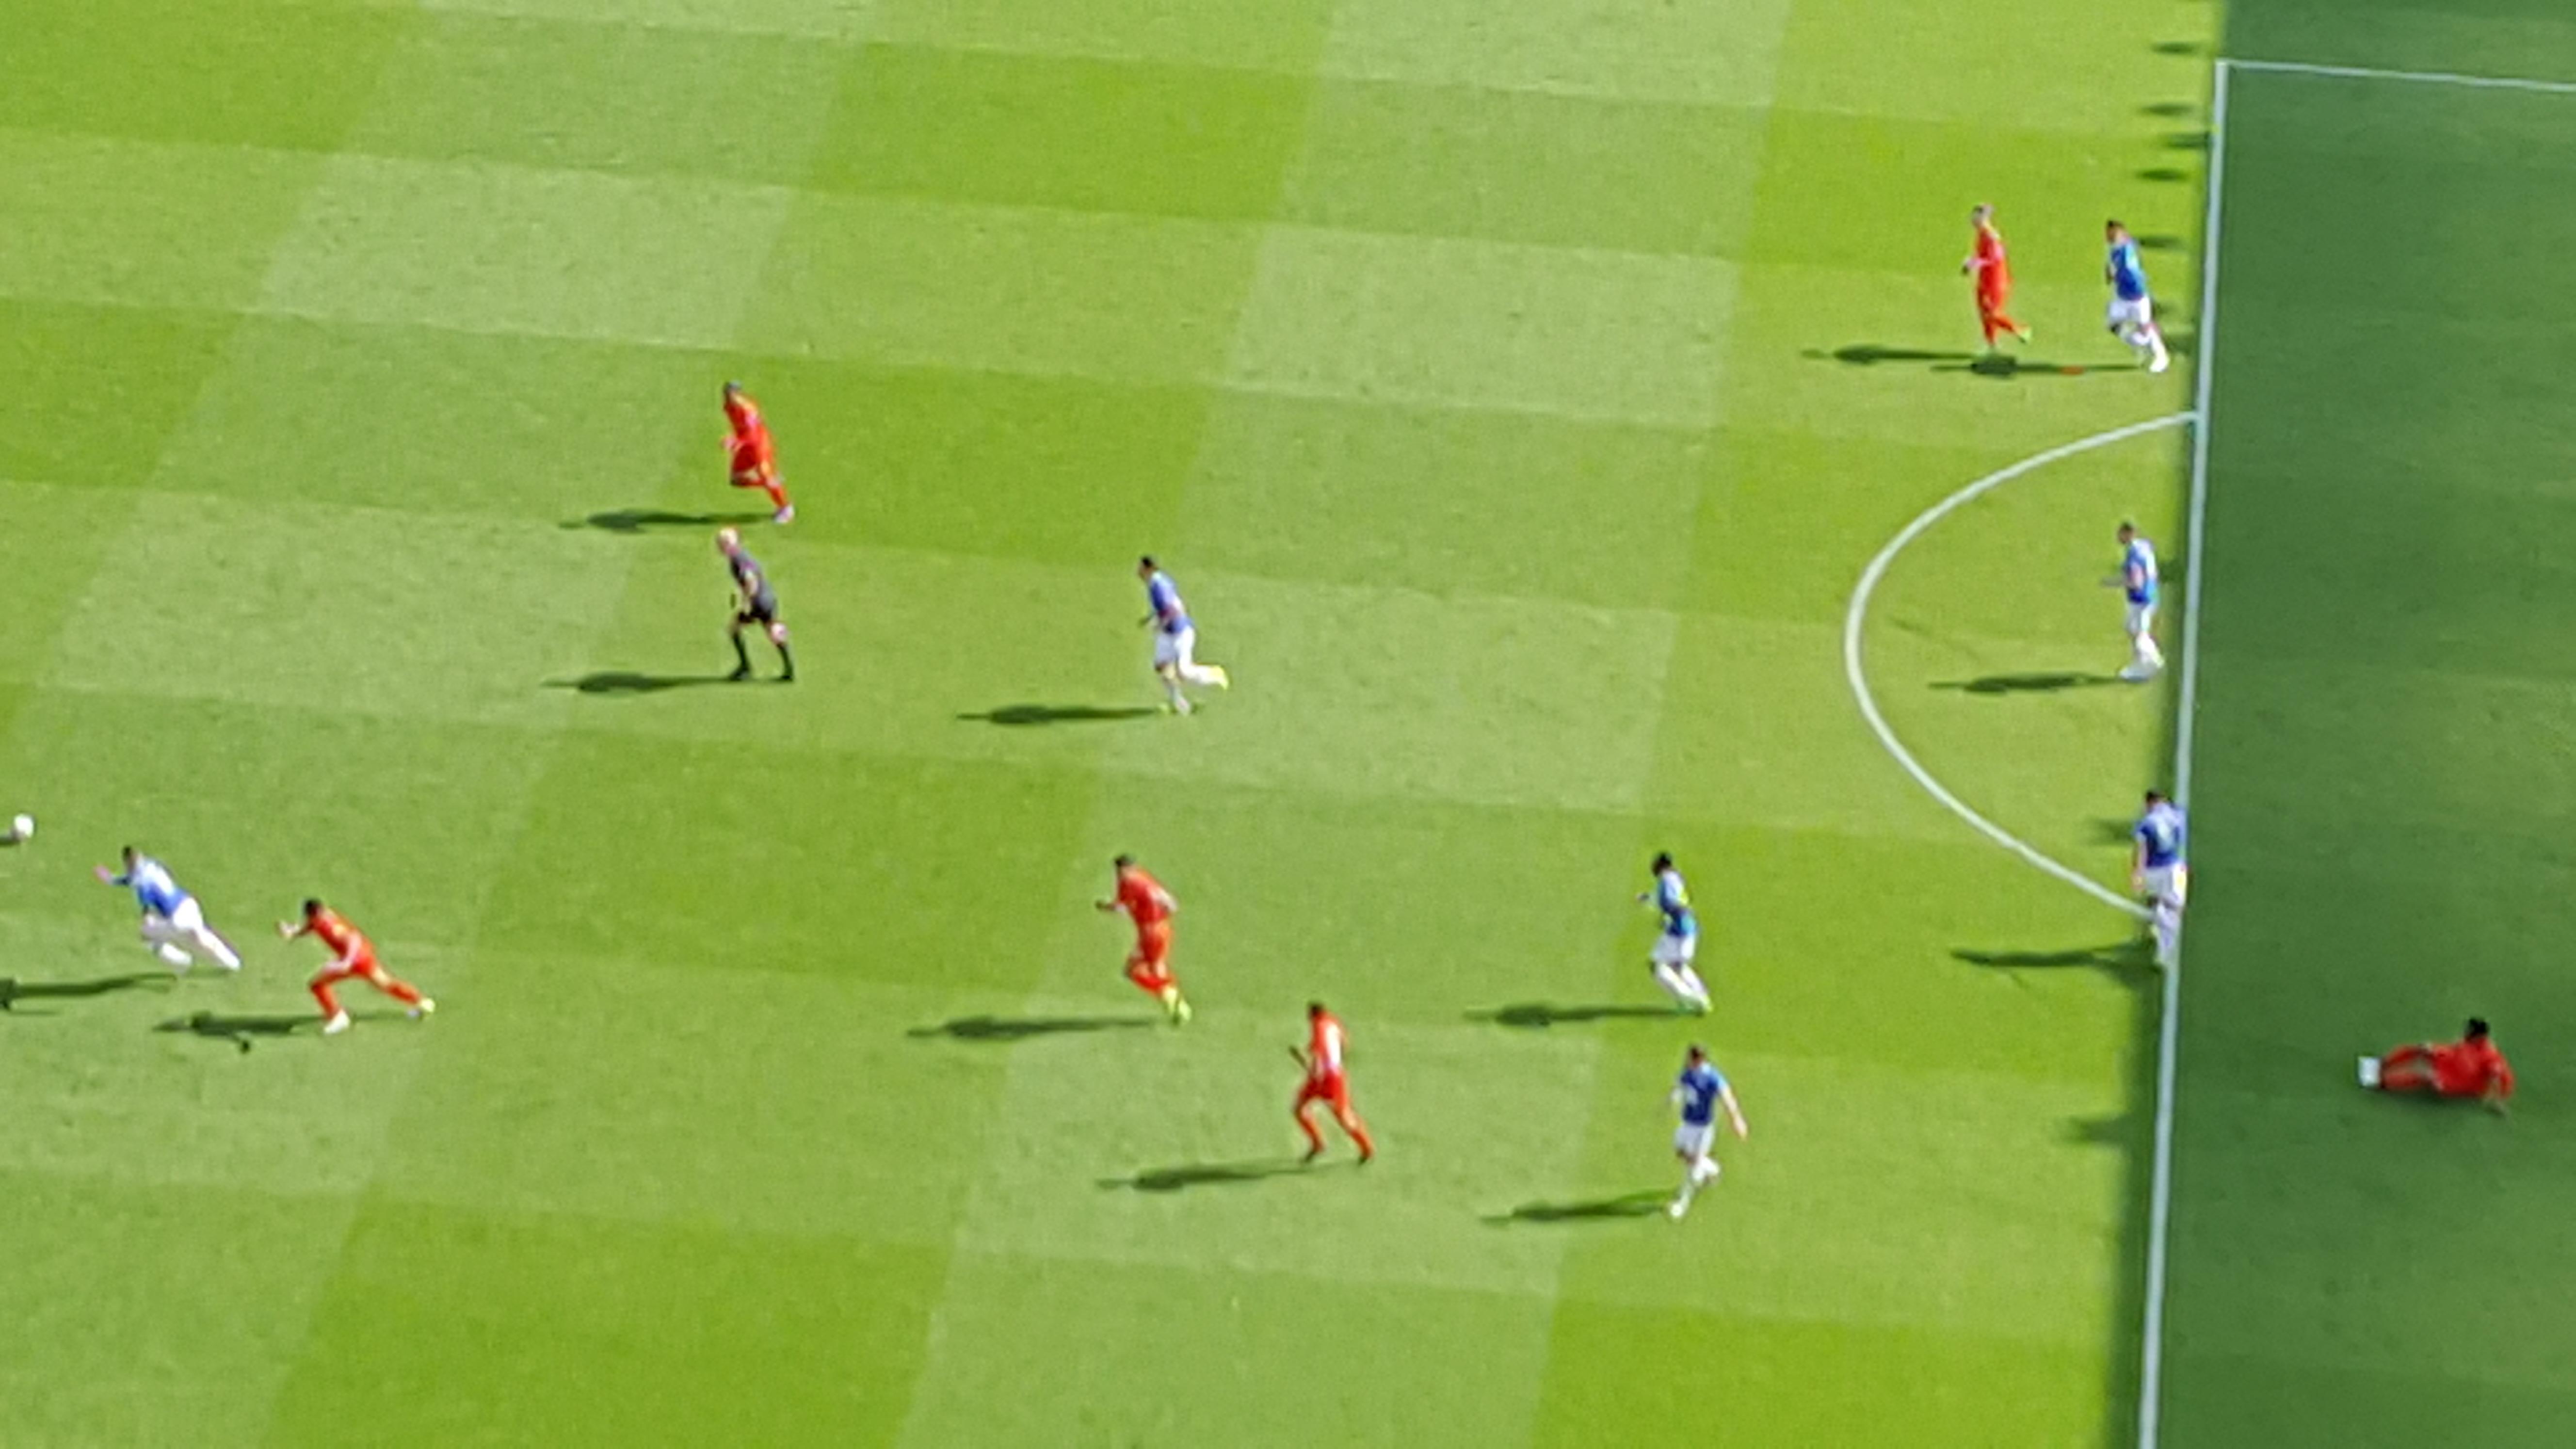 Anfield Section U7 Row 92